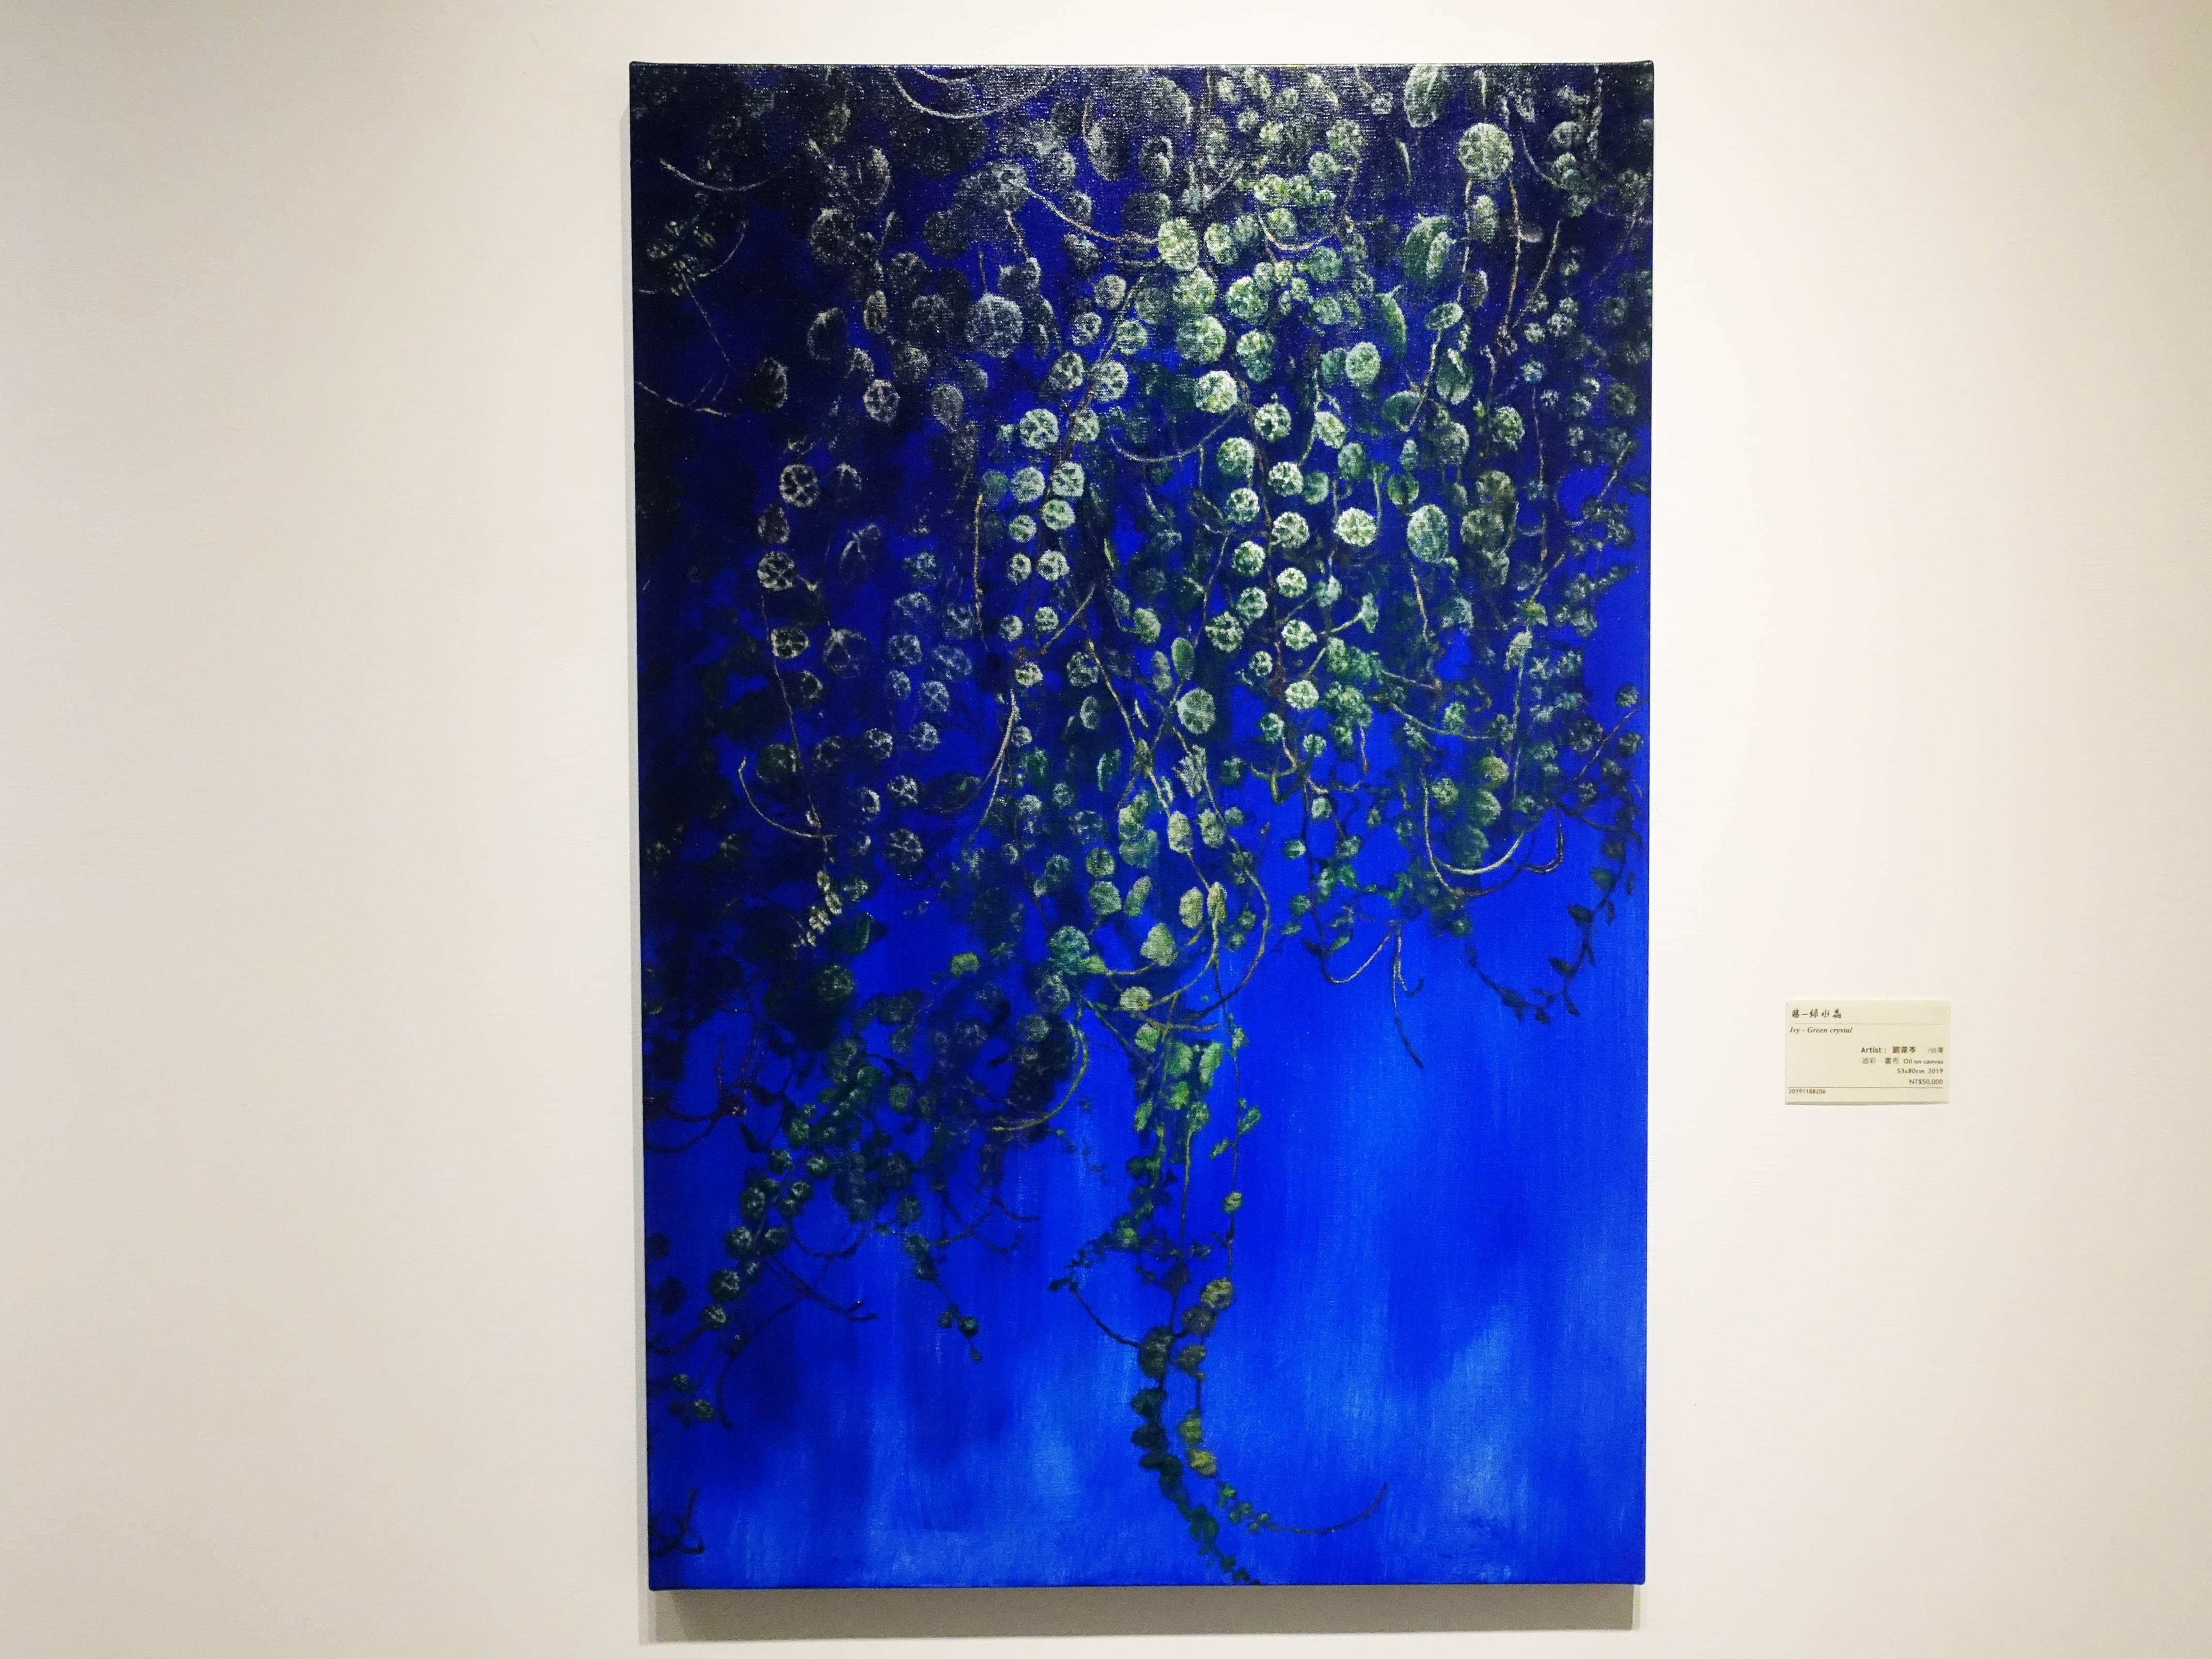 劉韋岑,《藤-綠水晶》,53x80cm,油彩、畫布,2018。